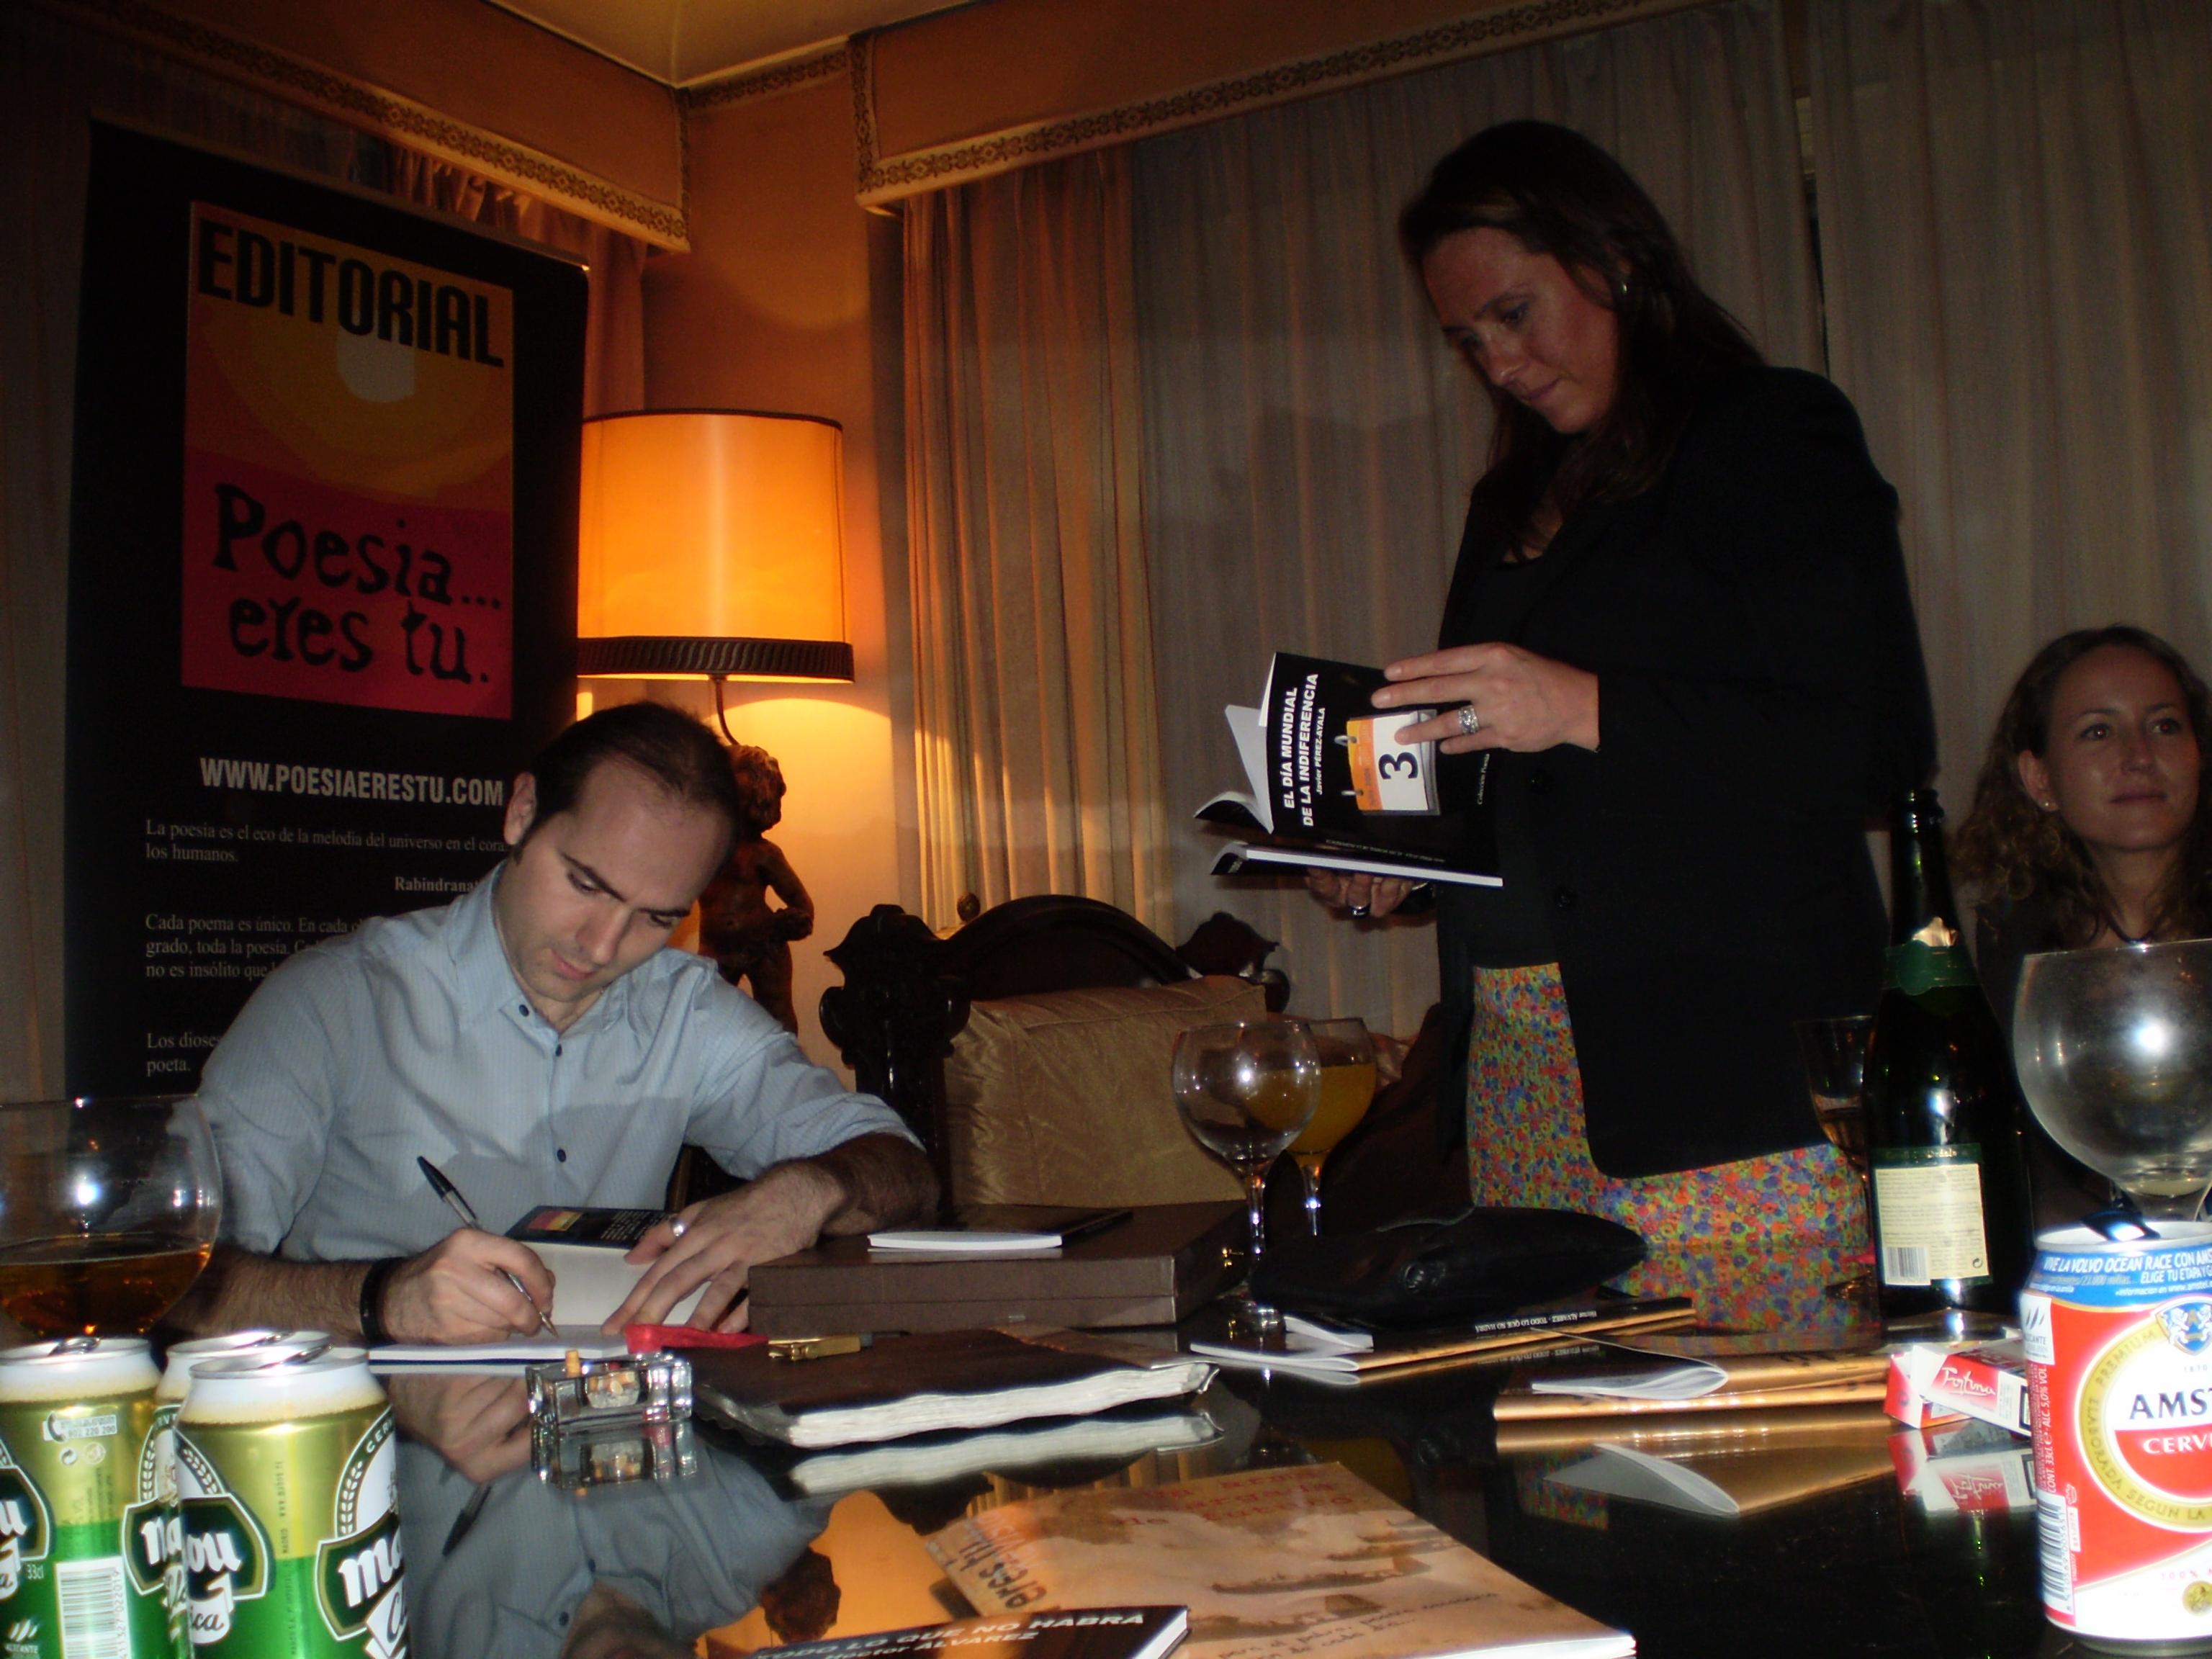 Paco Bello mejor autor del año 2008 Editorial Poesía eres tú. Paco Bello mejor autor del año 2008 Editorial Poesía eres tú. p2190222